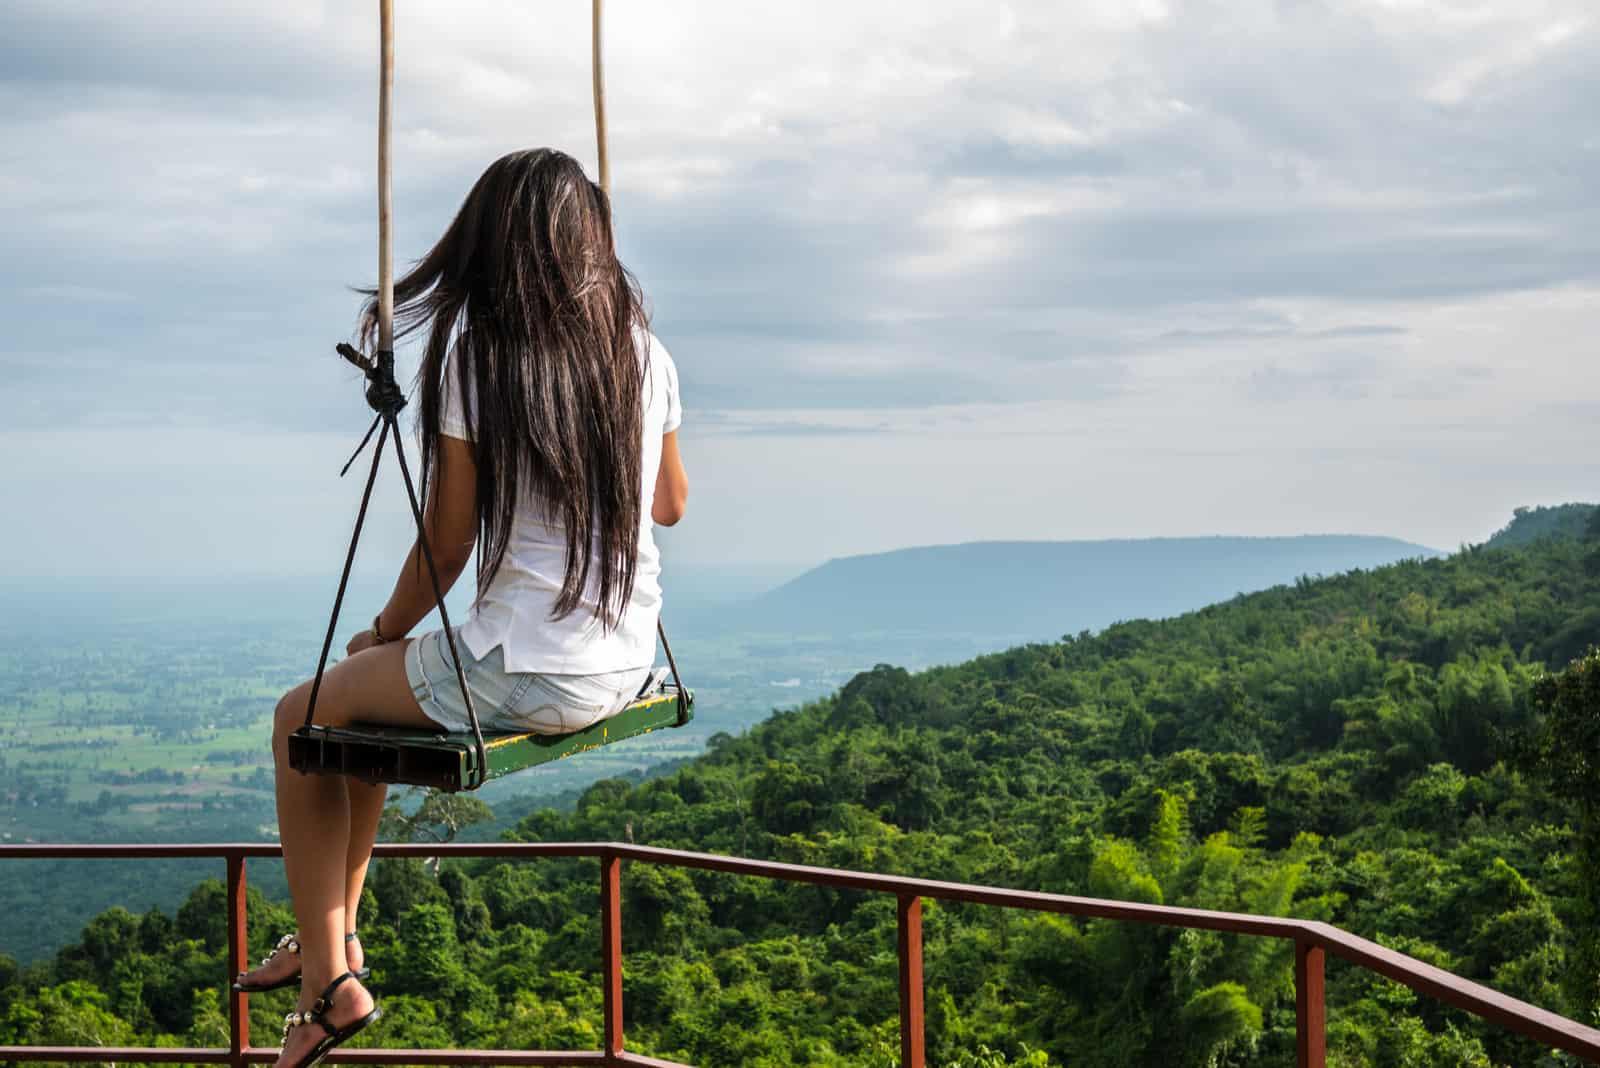 la femme se balance sur une balançoire